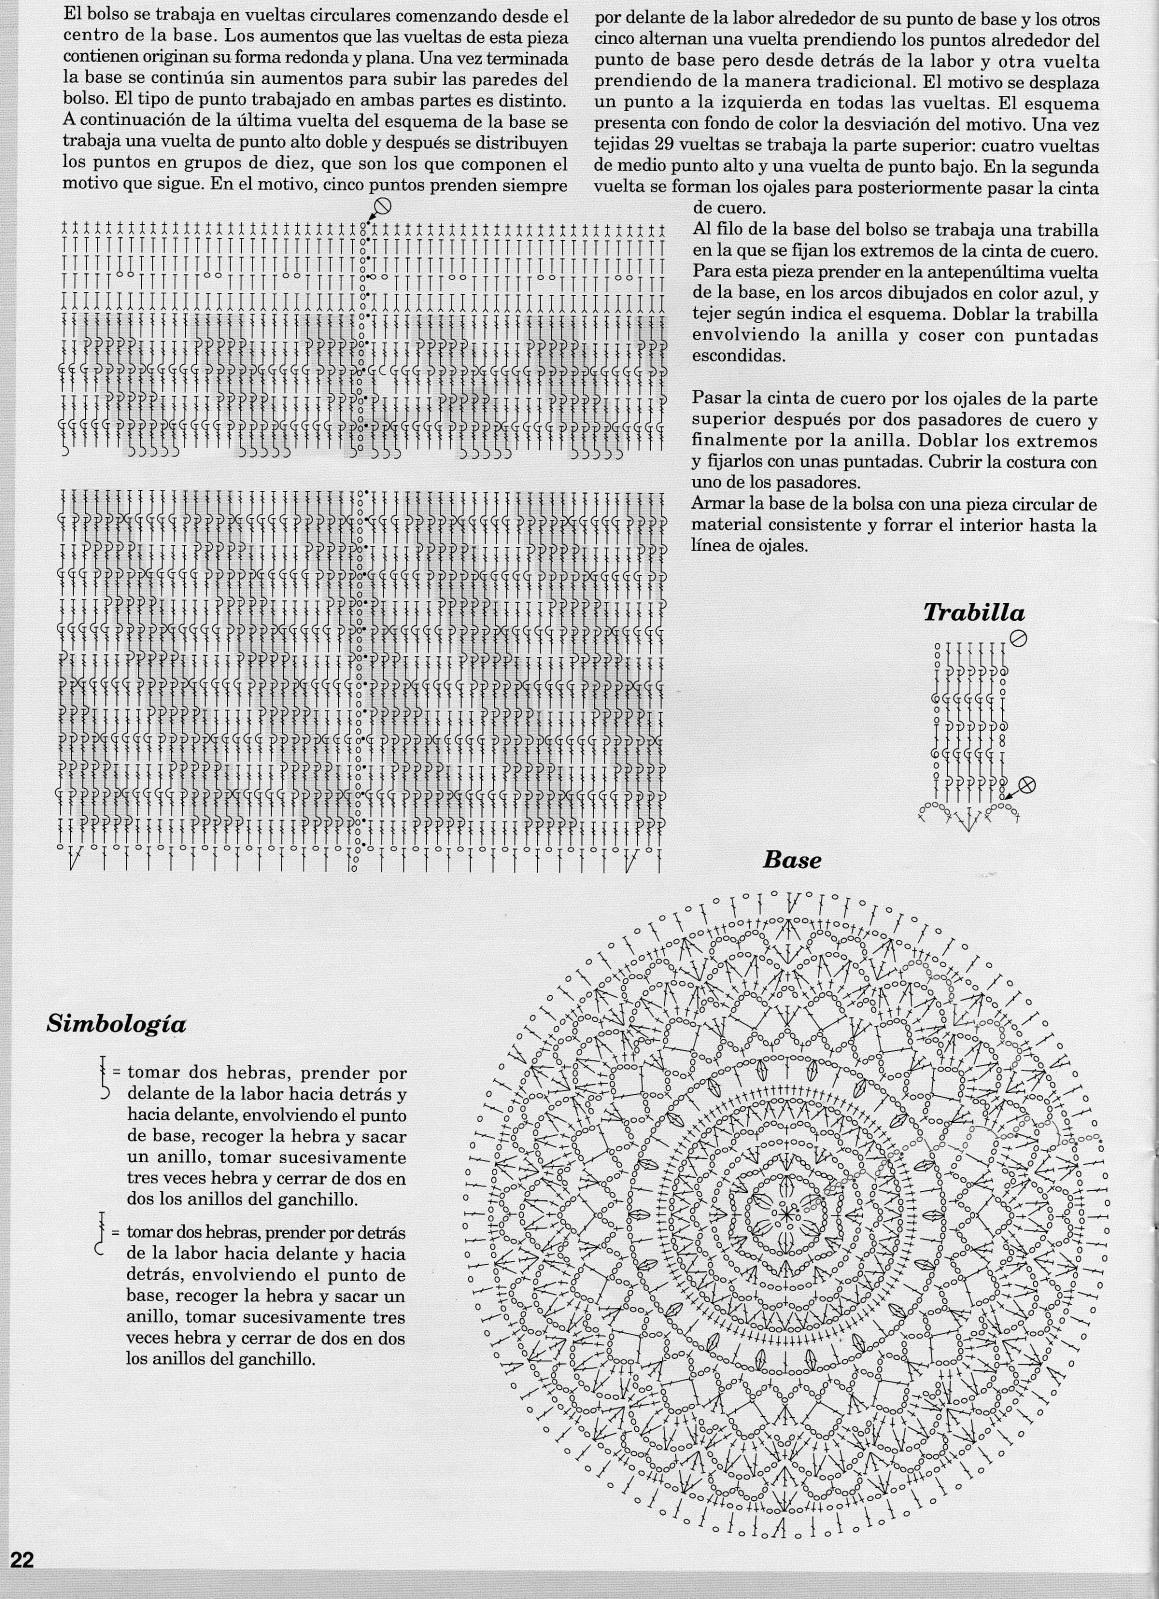 patrones - patrones de bolsos 28hoba1